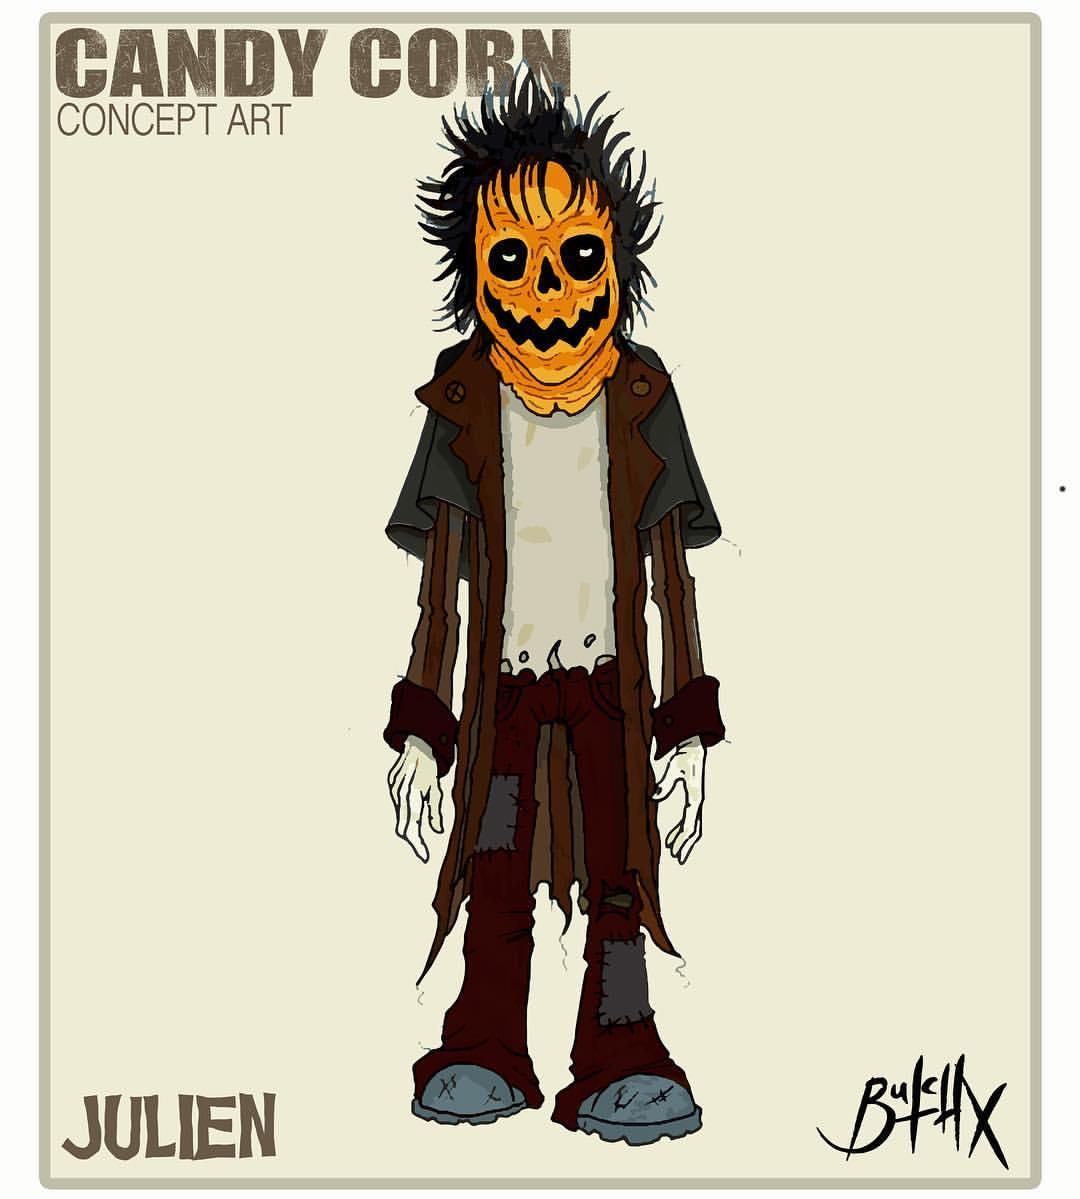 'Candy Corn' Julien concept art